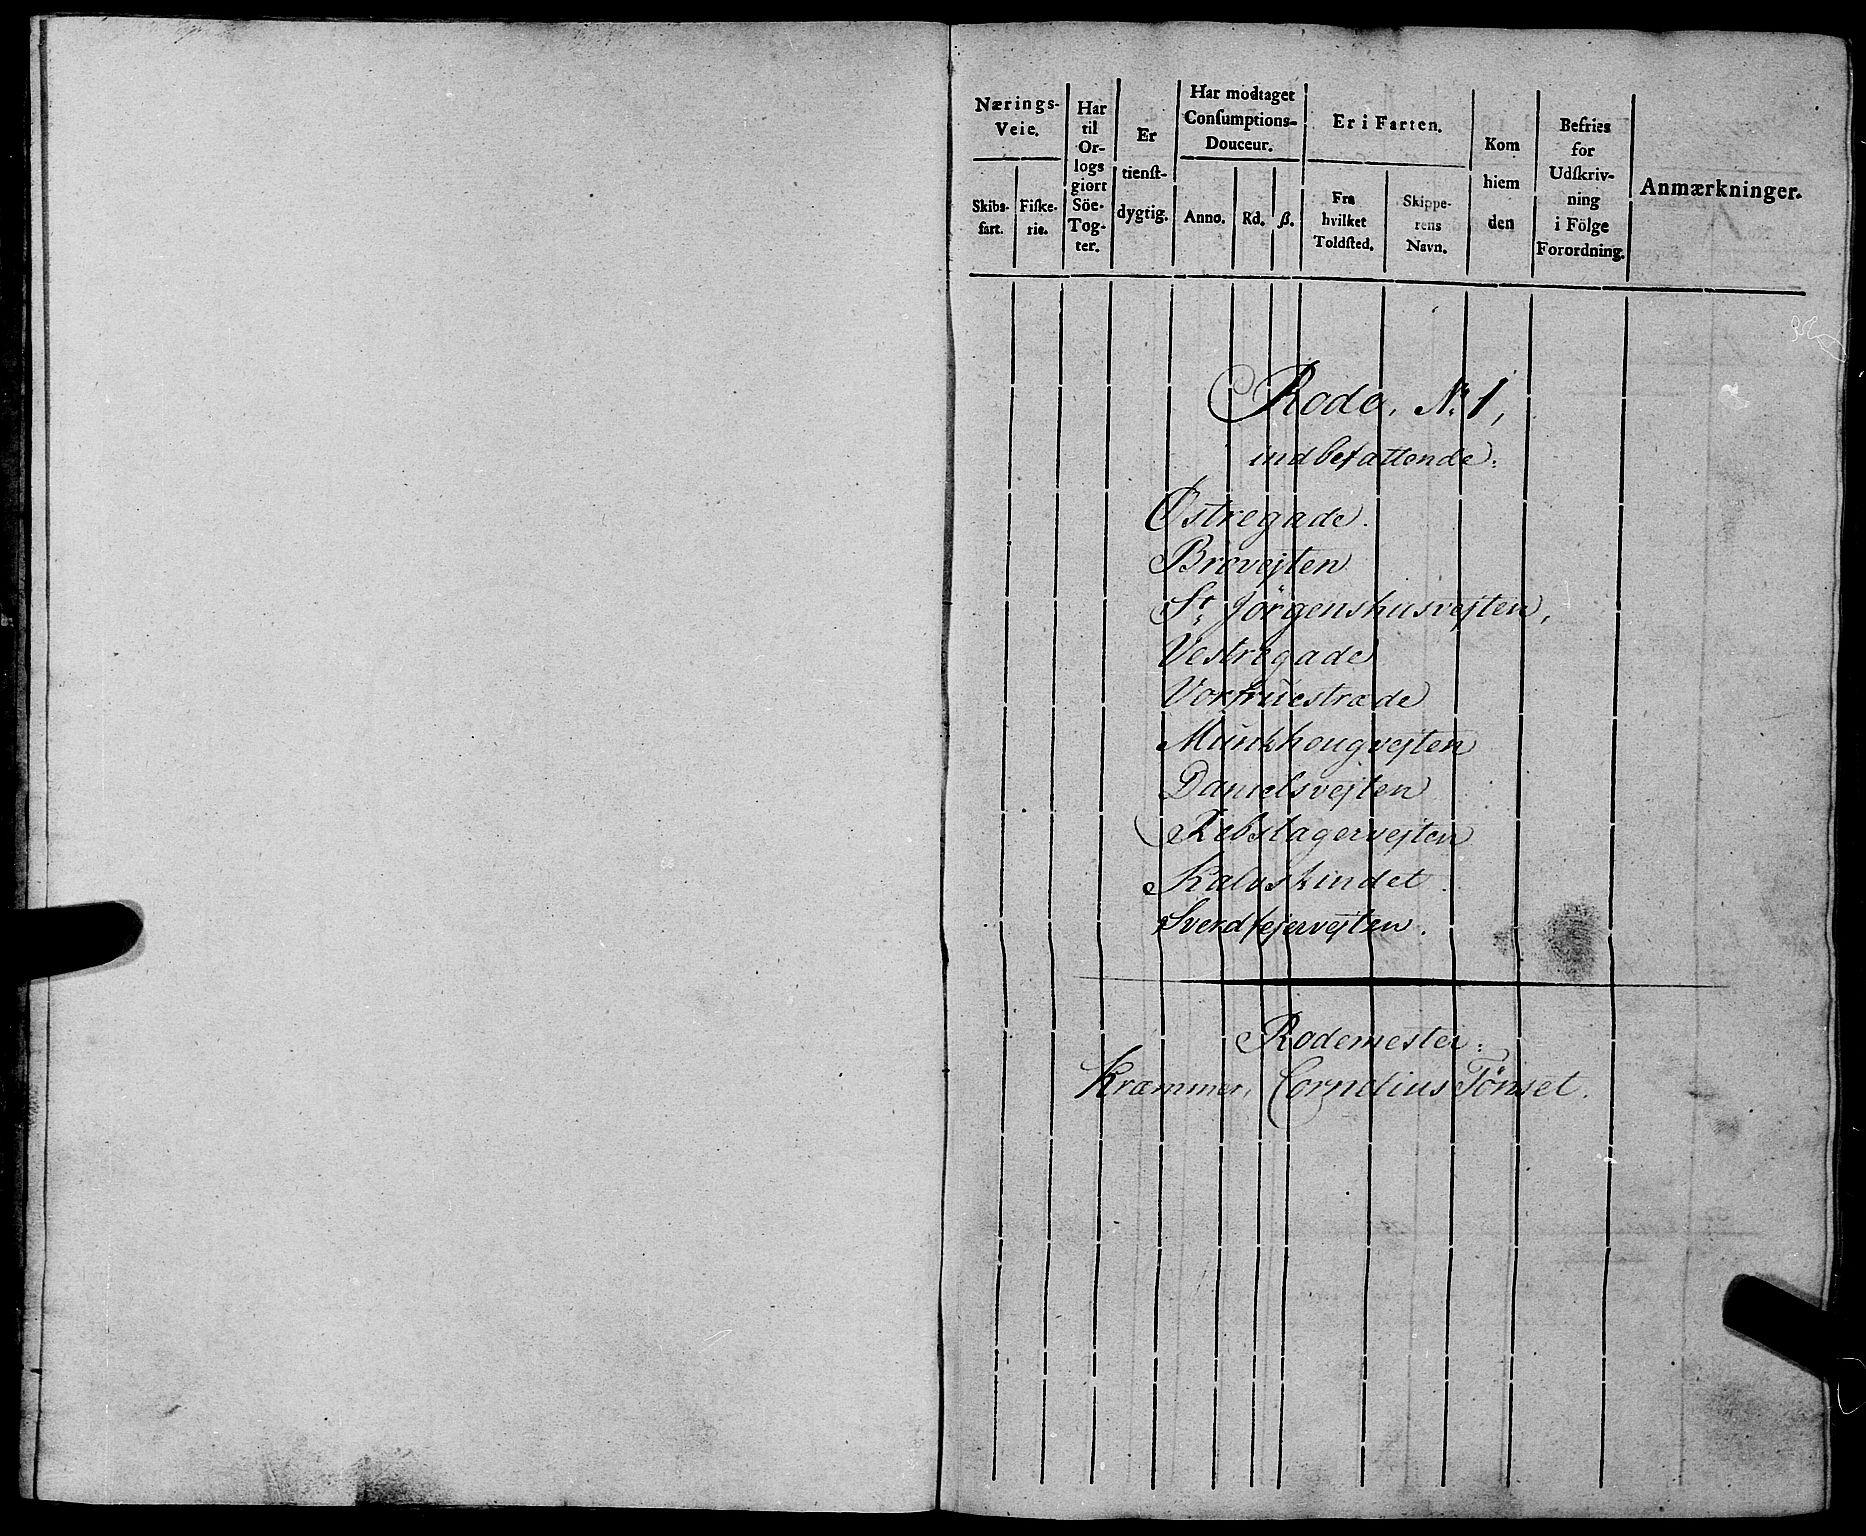 SAT, Sjøinnrulleringen - Trondhjemske distrikt, 01/L0012: Ruller for Trondhjem by, 1804-1809, s. 1